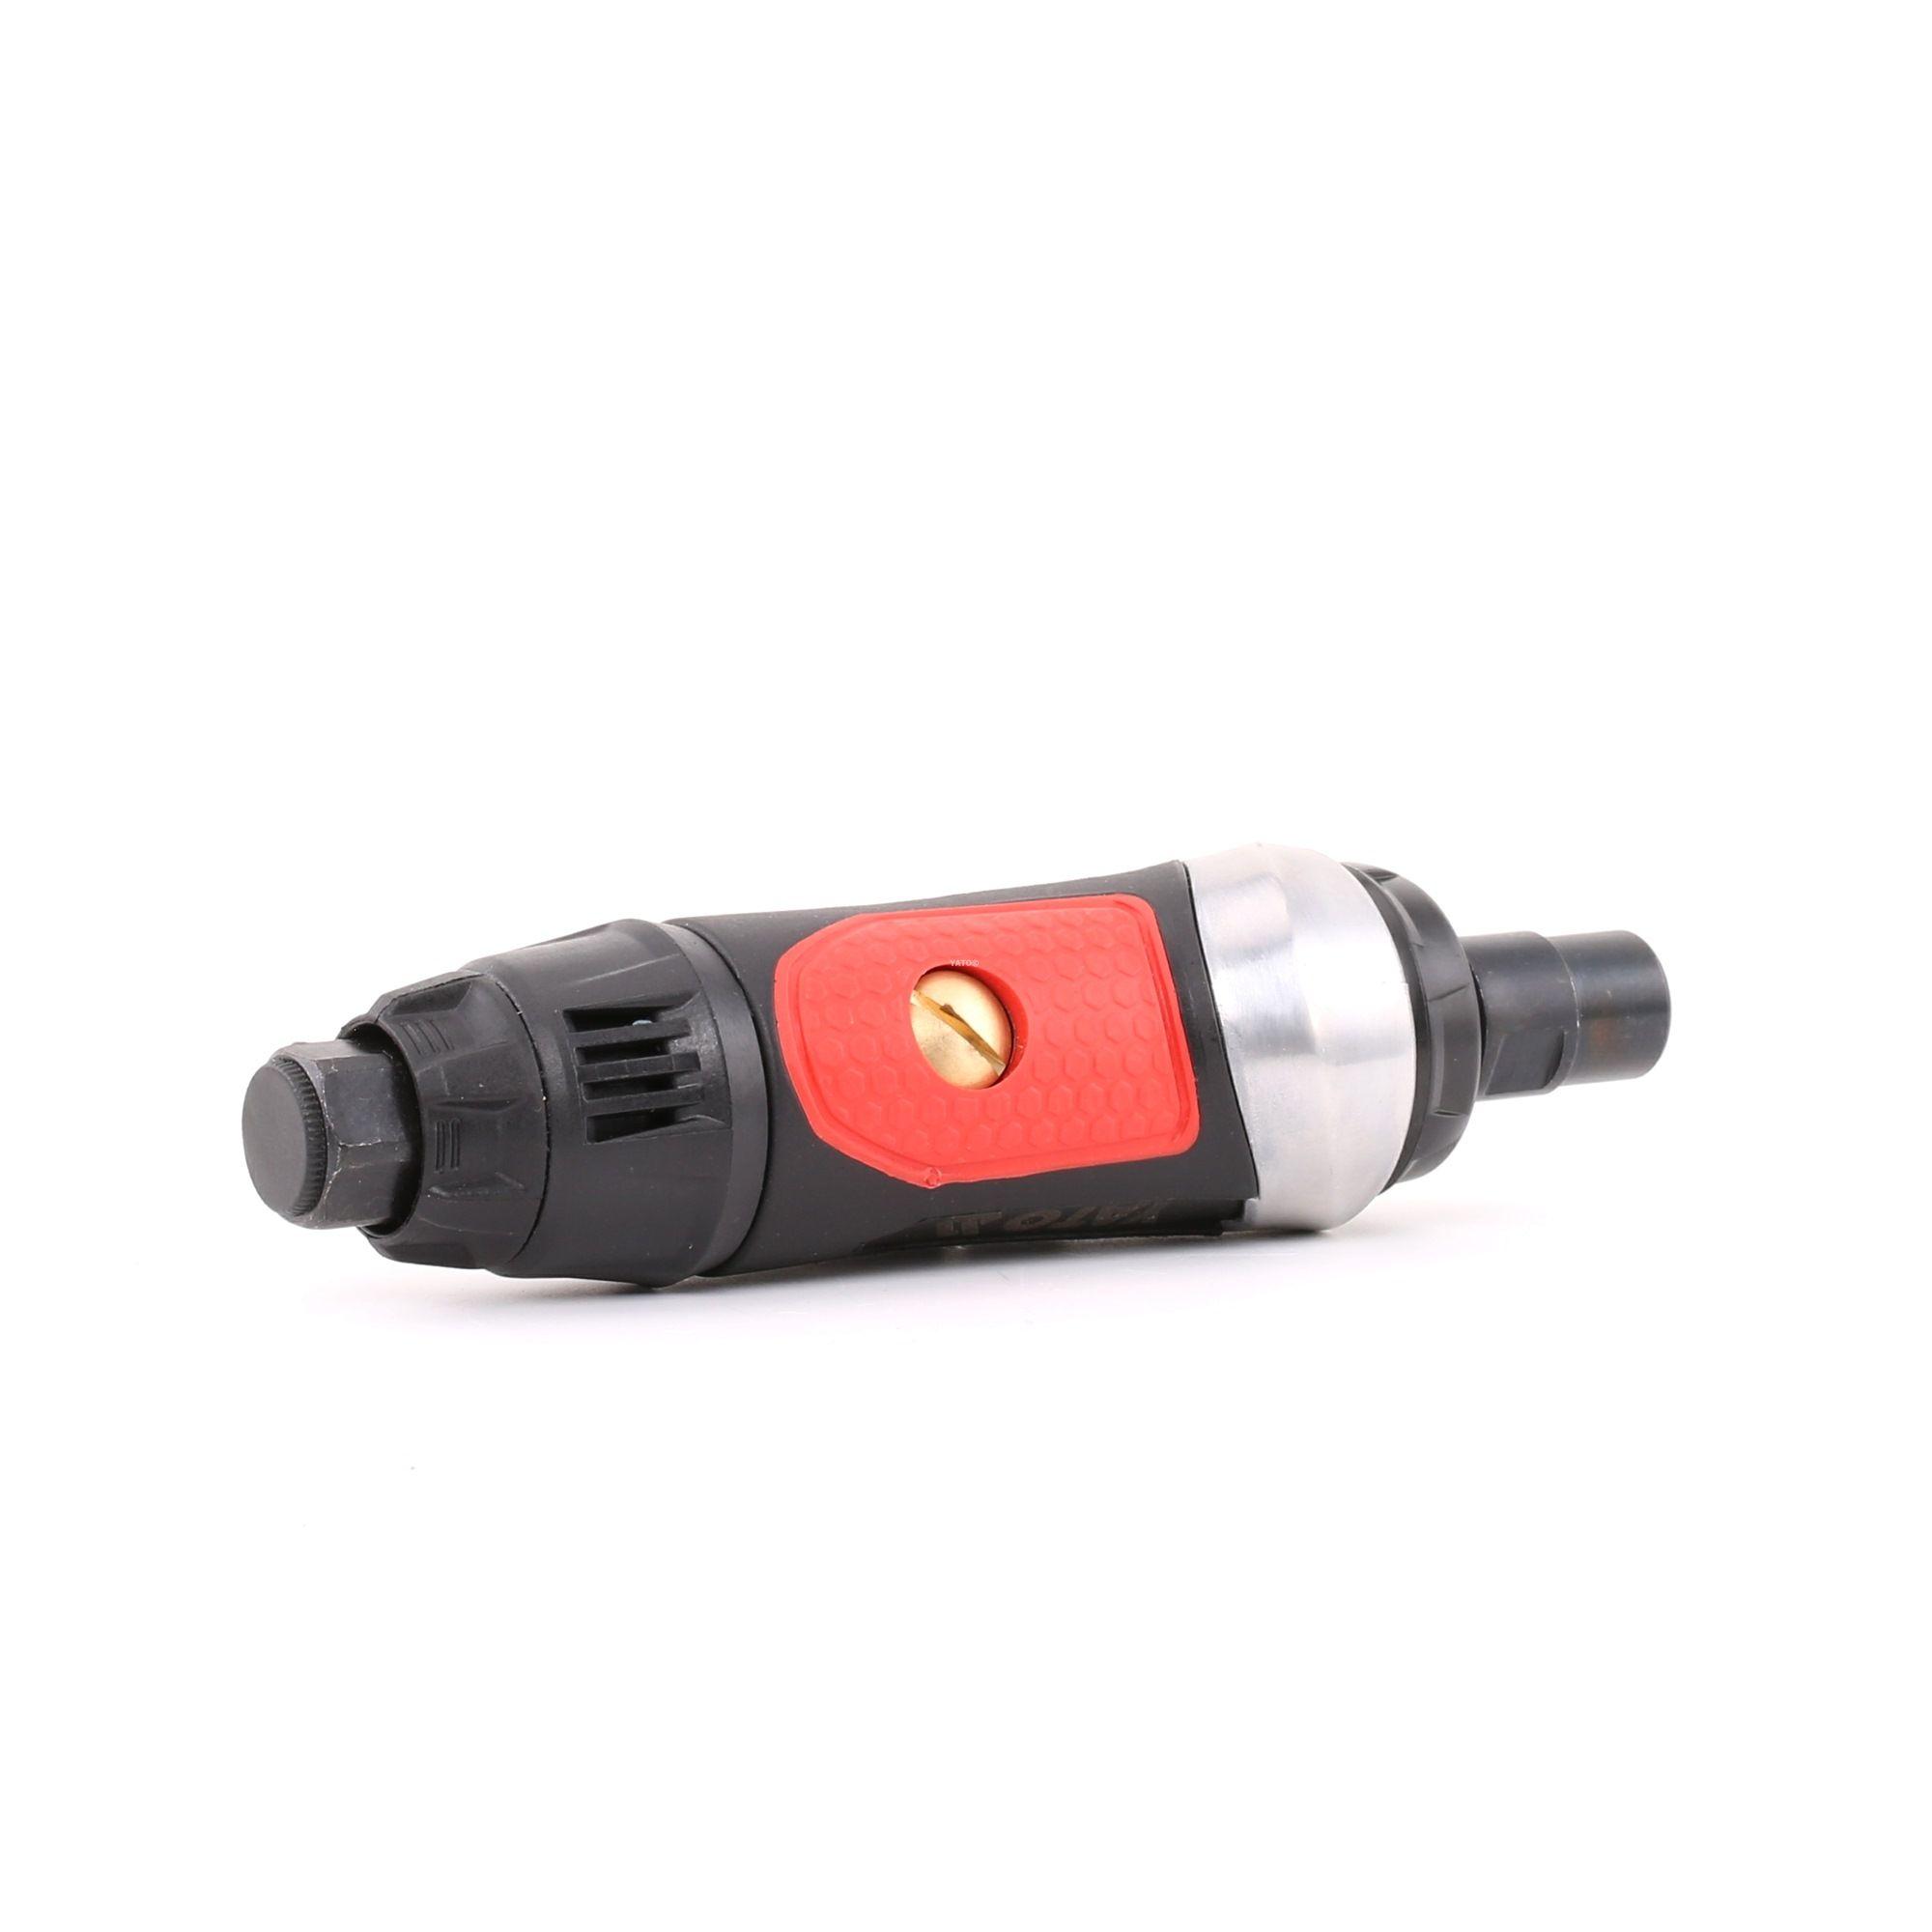 YT-09632 YATO pneumatisch, Betriebsdruck: 6,3bar, Drehzahl bis: 25 0001/min Stabschleifer YT-09632 günstig kaufen